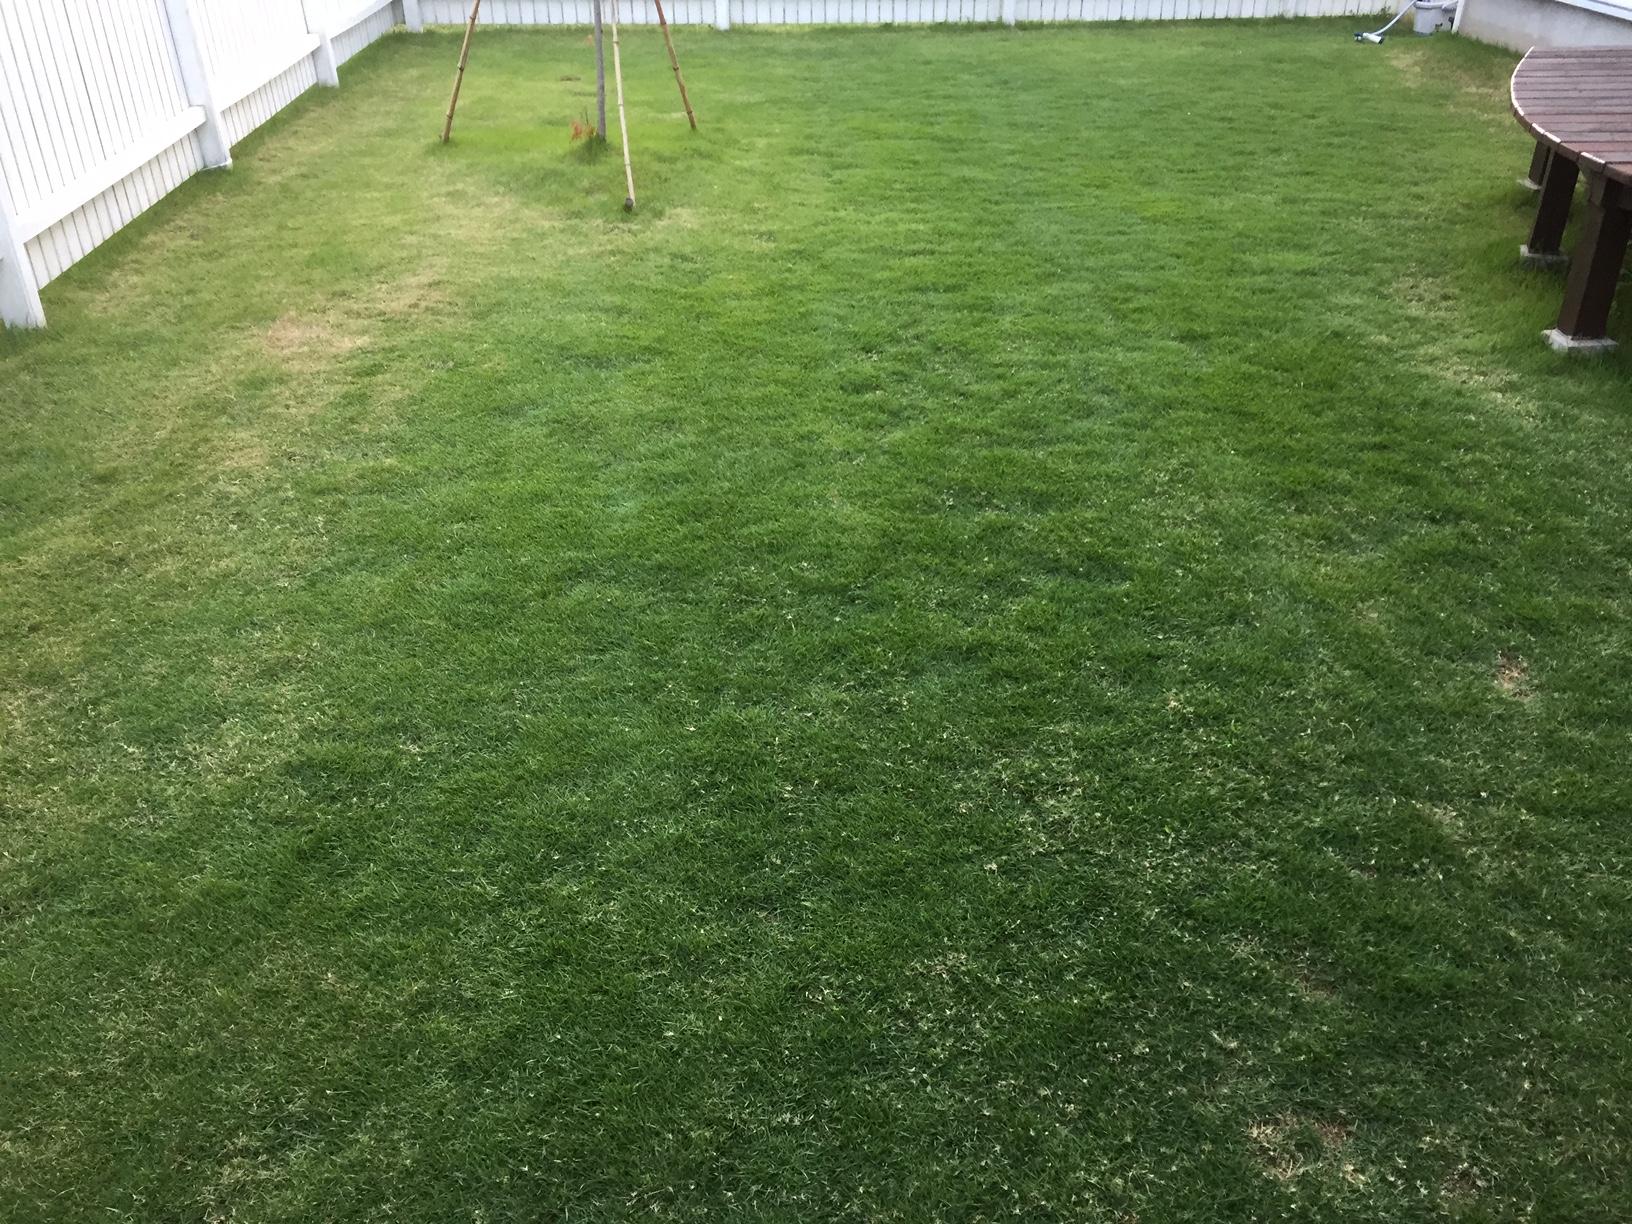 2020.06.15 芝生の状況(芝刈り)